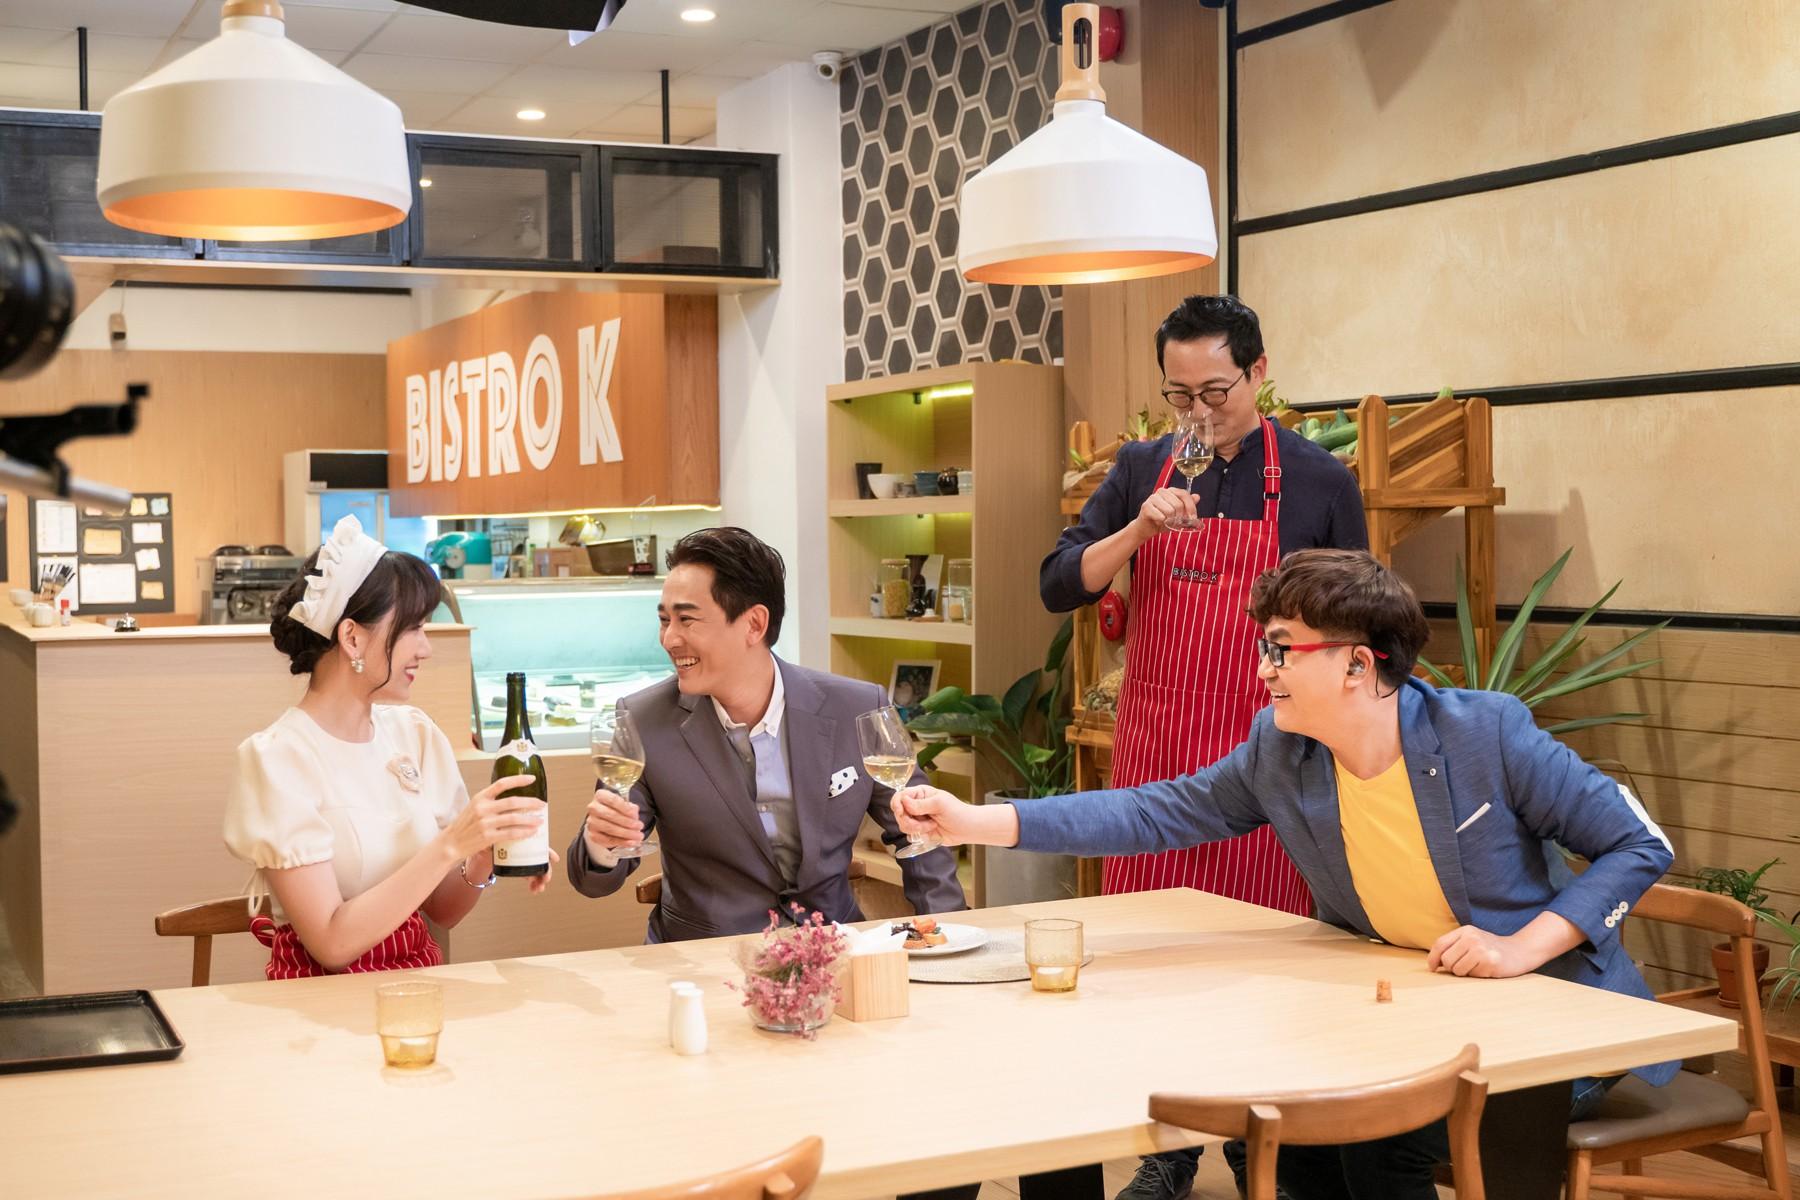 Làm nữ phục vụ xinh xắn, Hari Won bị than phiền vì thường xuyên xin ăn của đồng nghiệp  - Ảnh 10.